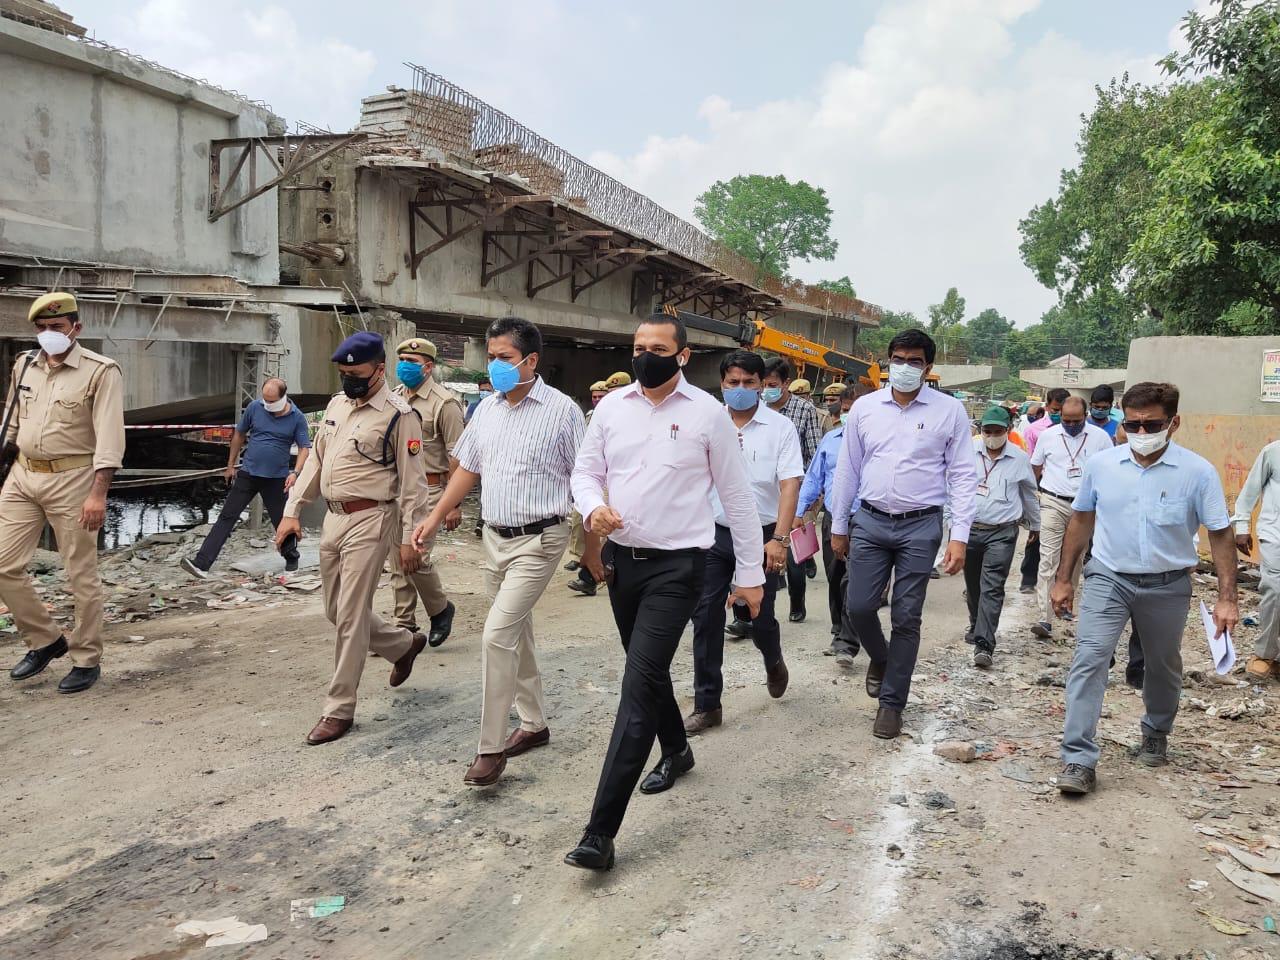 झाड़ी बाबा पुल नवंबर तक पूरा करने की डेडलाइन तय, 2014 में बनना शुरू हुआ पुल, अब तक नहीं हो सका पूरा|कानपुर,Kanpur - Dainik Bhaskar